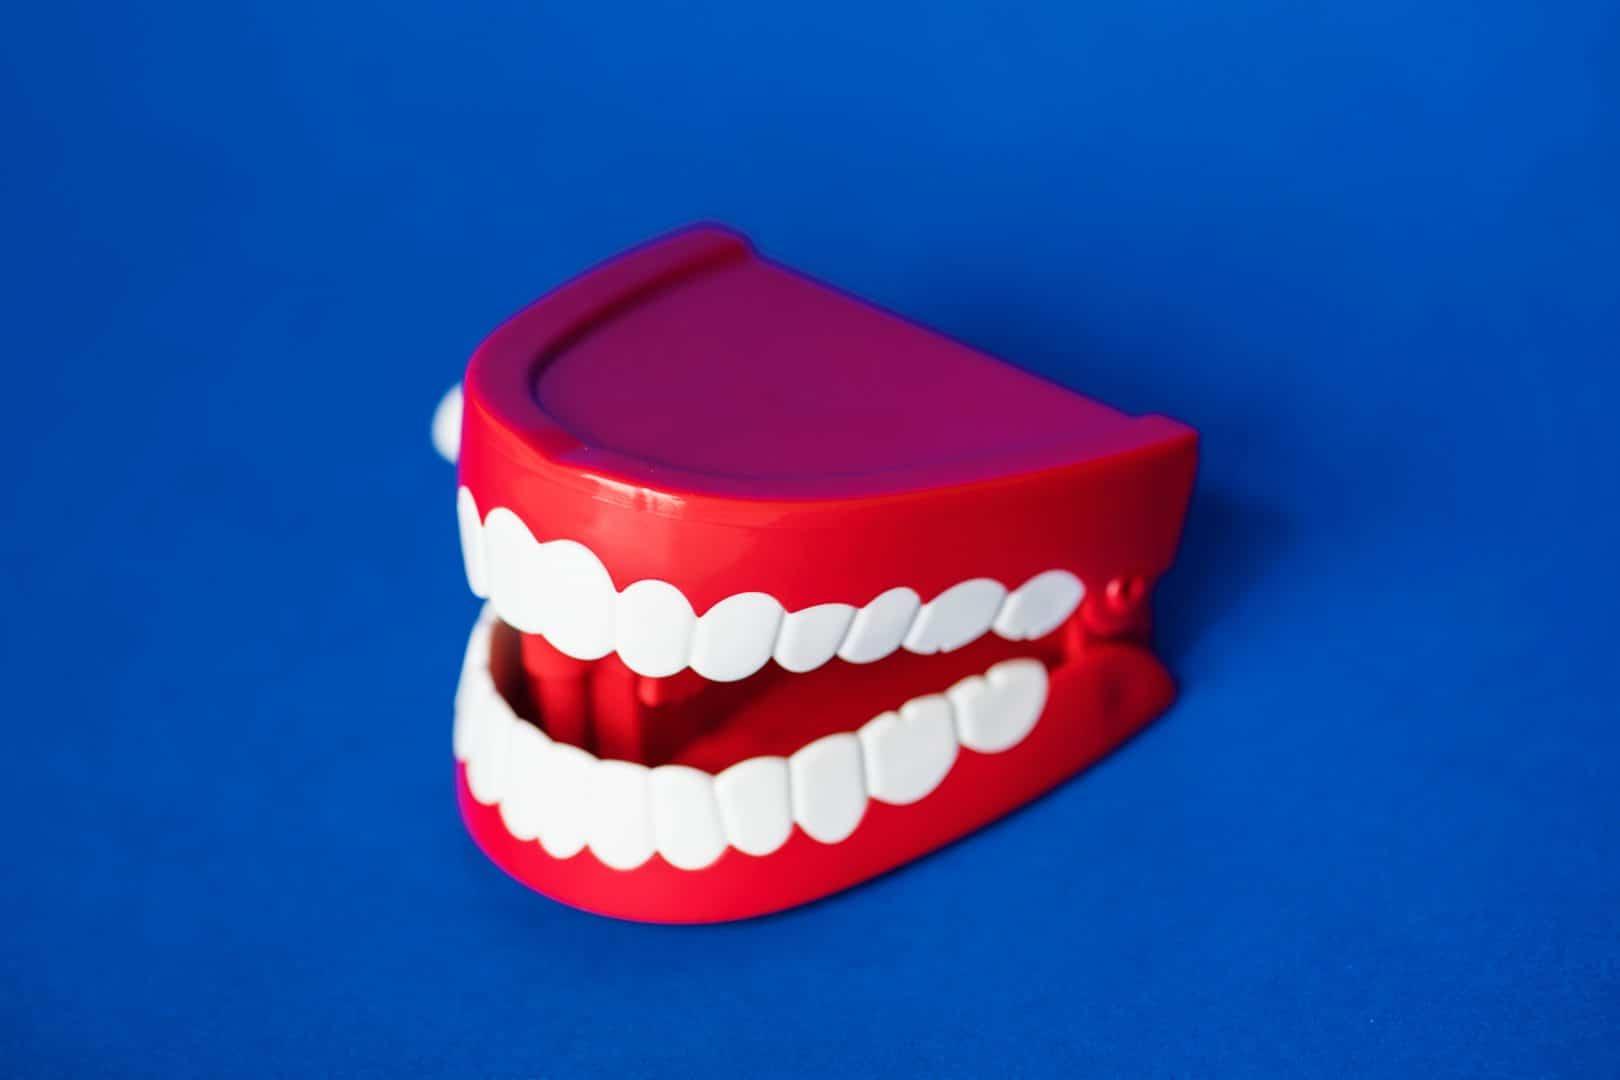 Panische Angst & Schock beim Zahnarzt